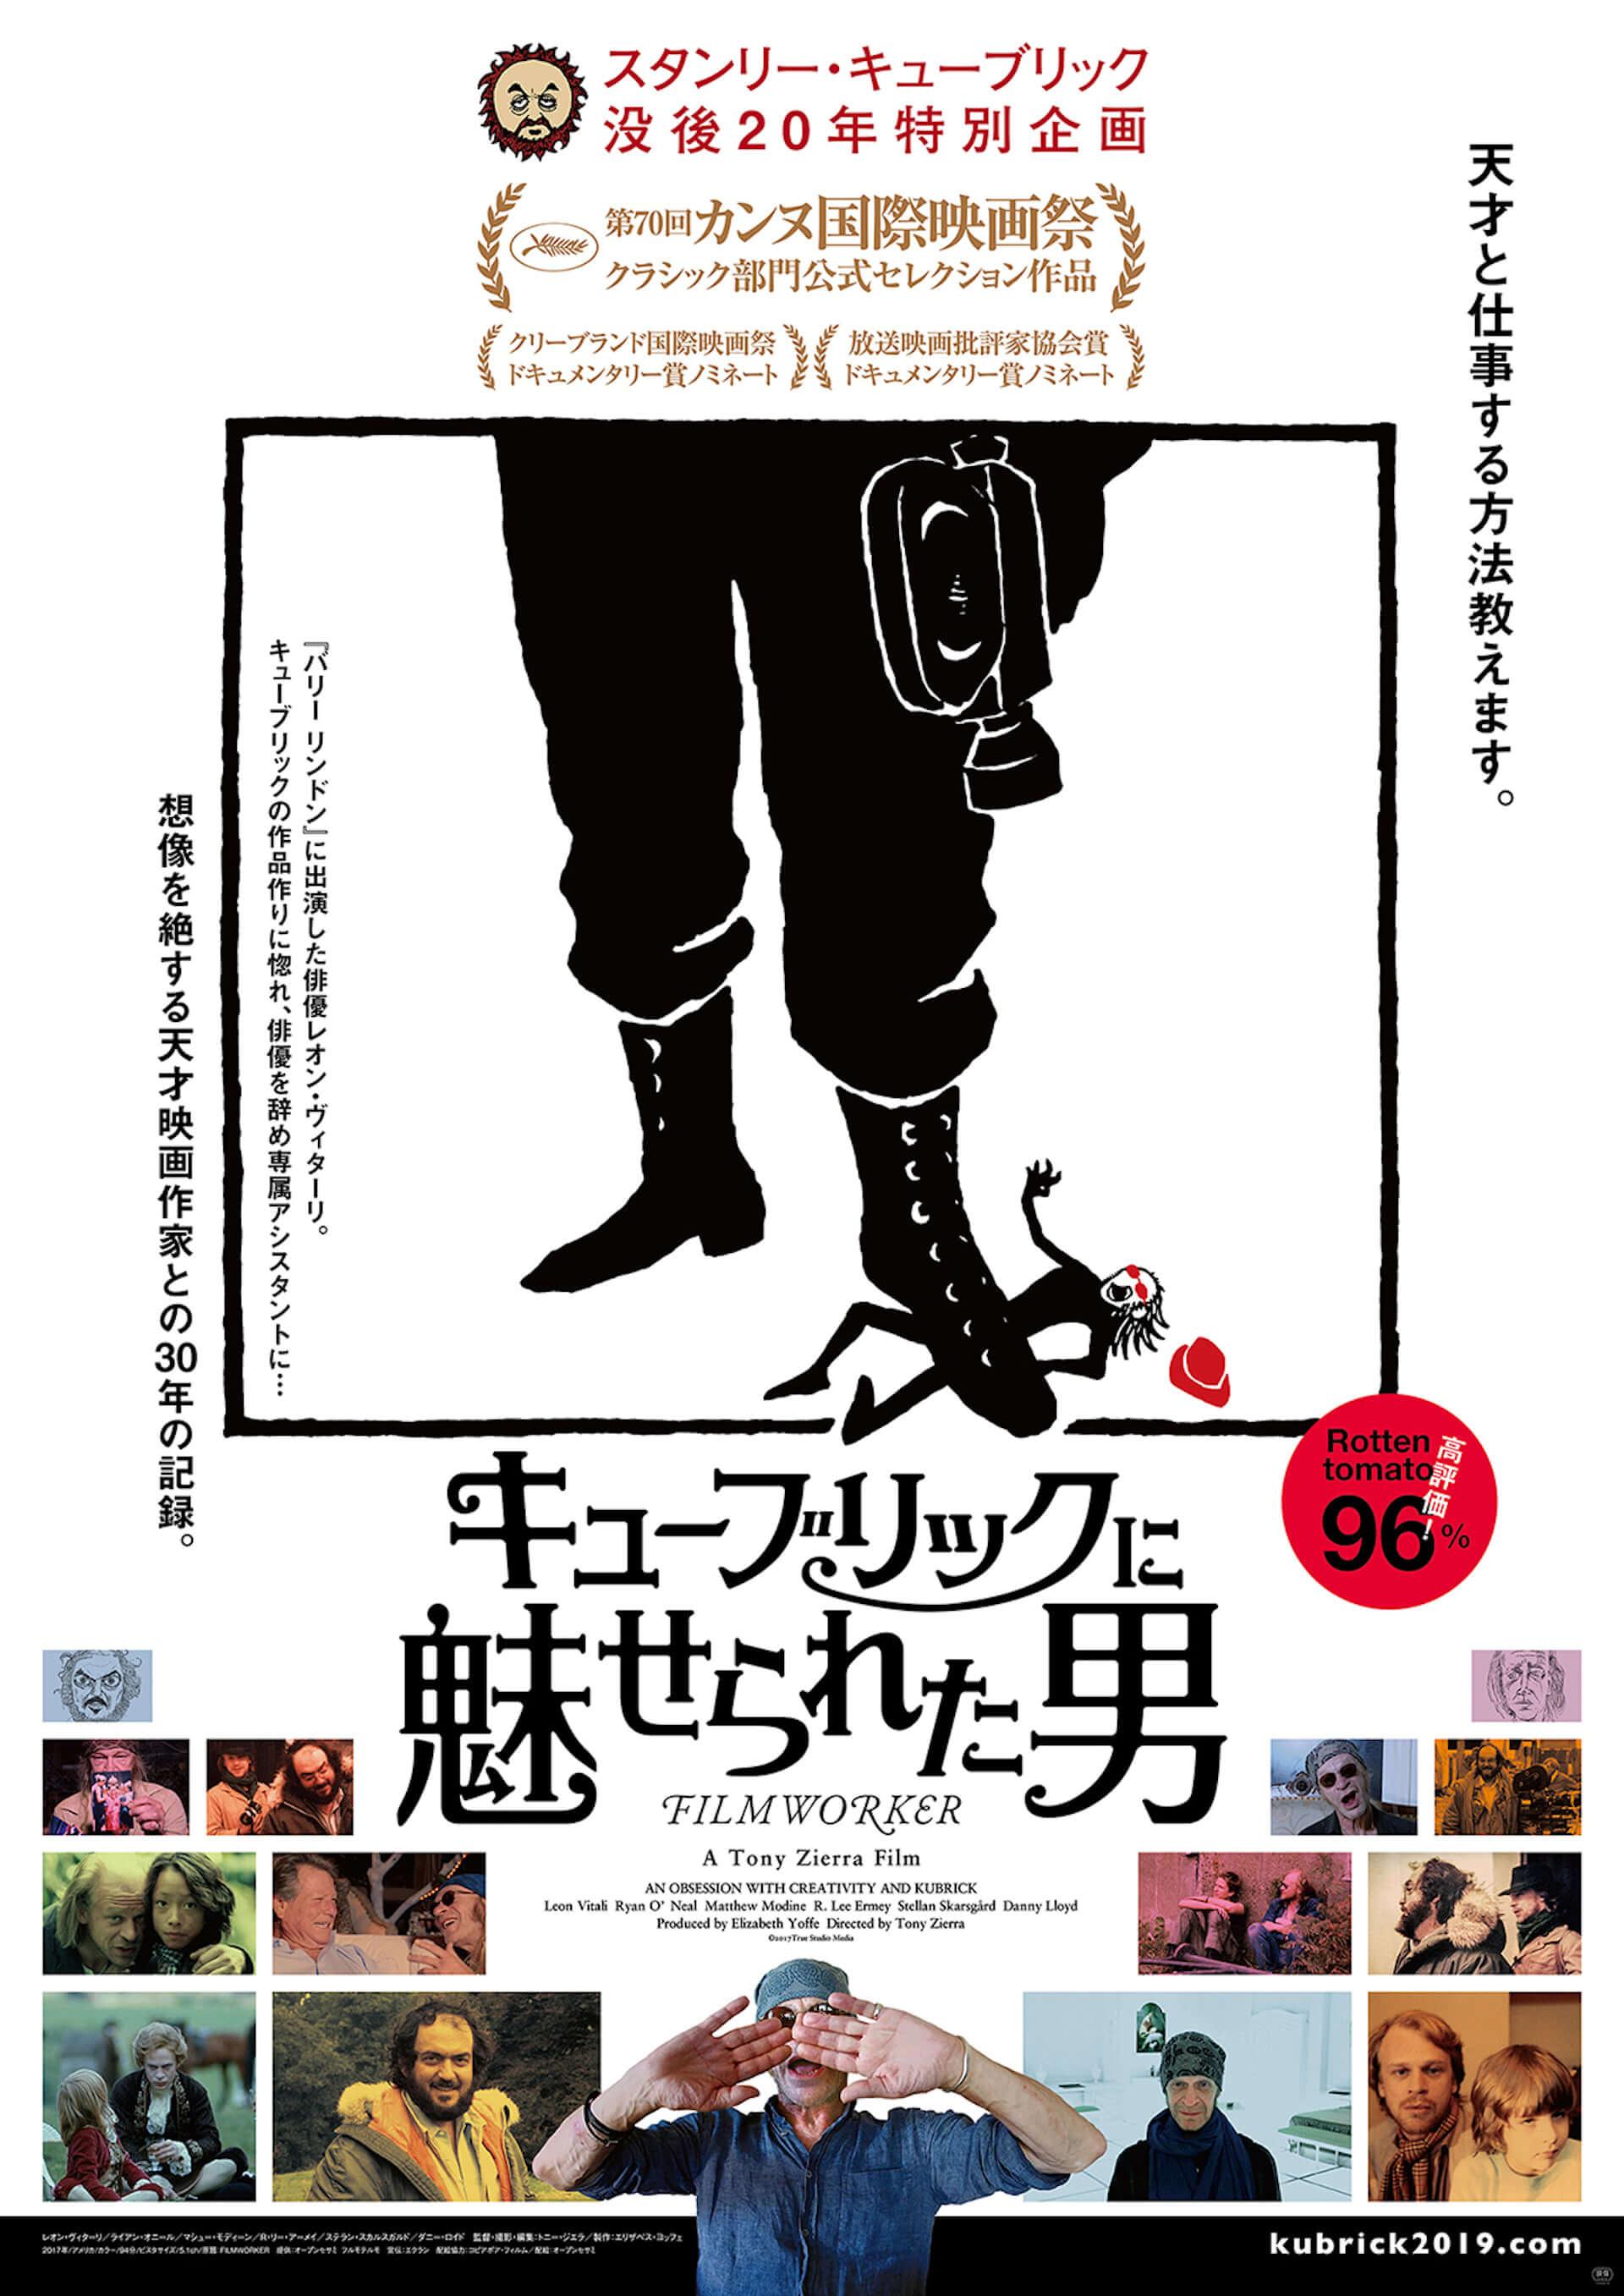 巨匠キューブリックの魅力に迫る『キューブリックに愛された男』『キューブリックに魅せられた男』の予告編が公開 film190819_stanleykubrick_movie_1-1920x2714